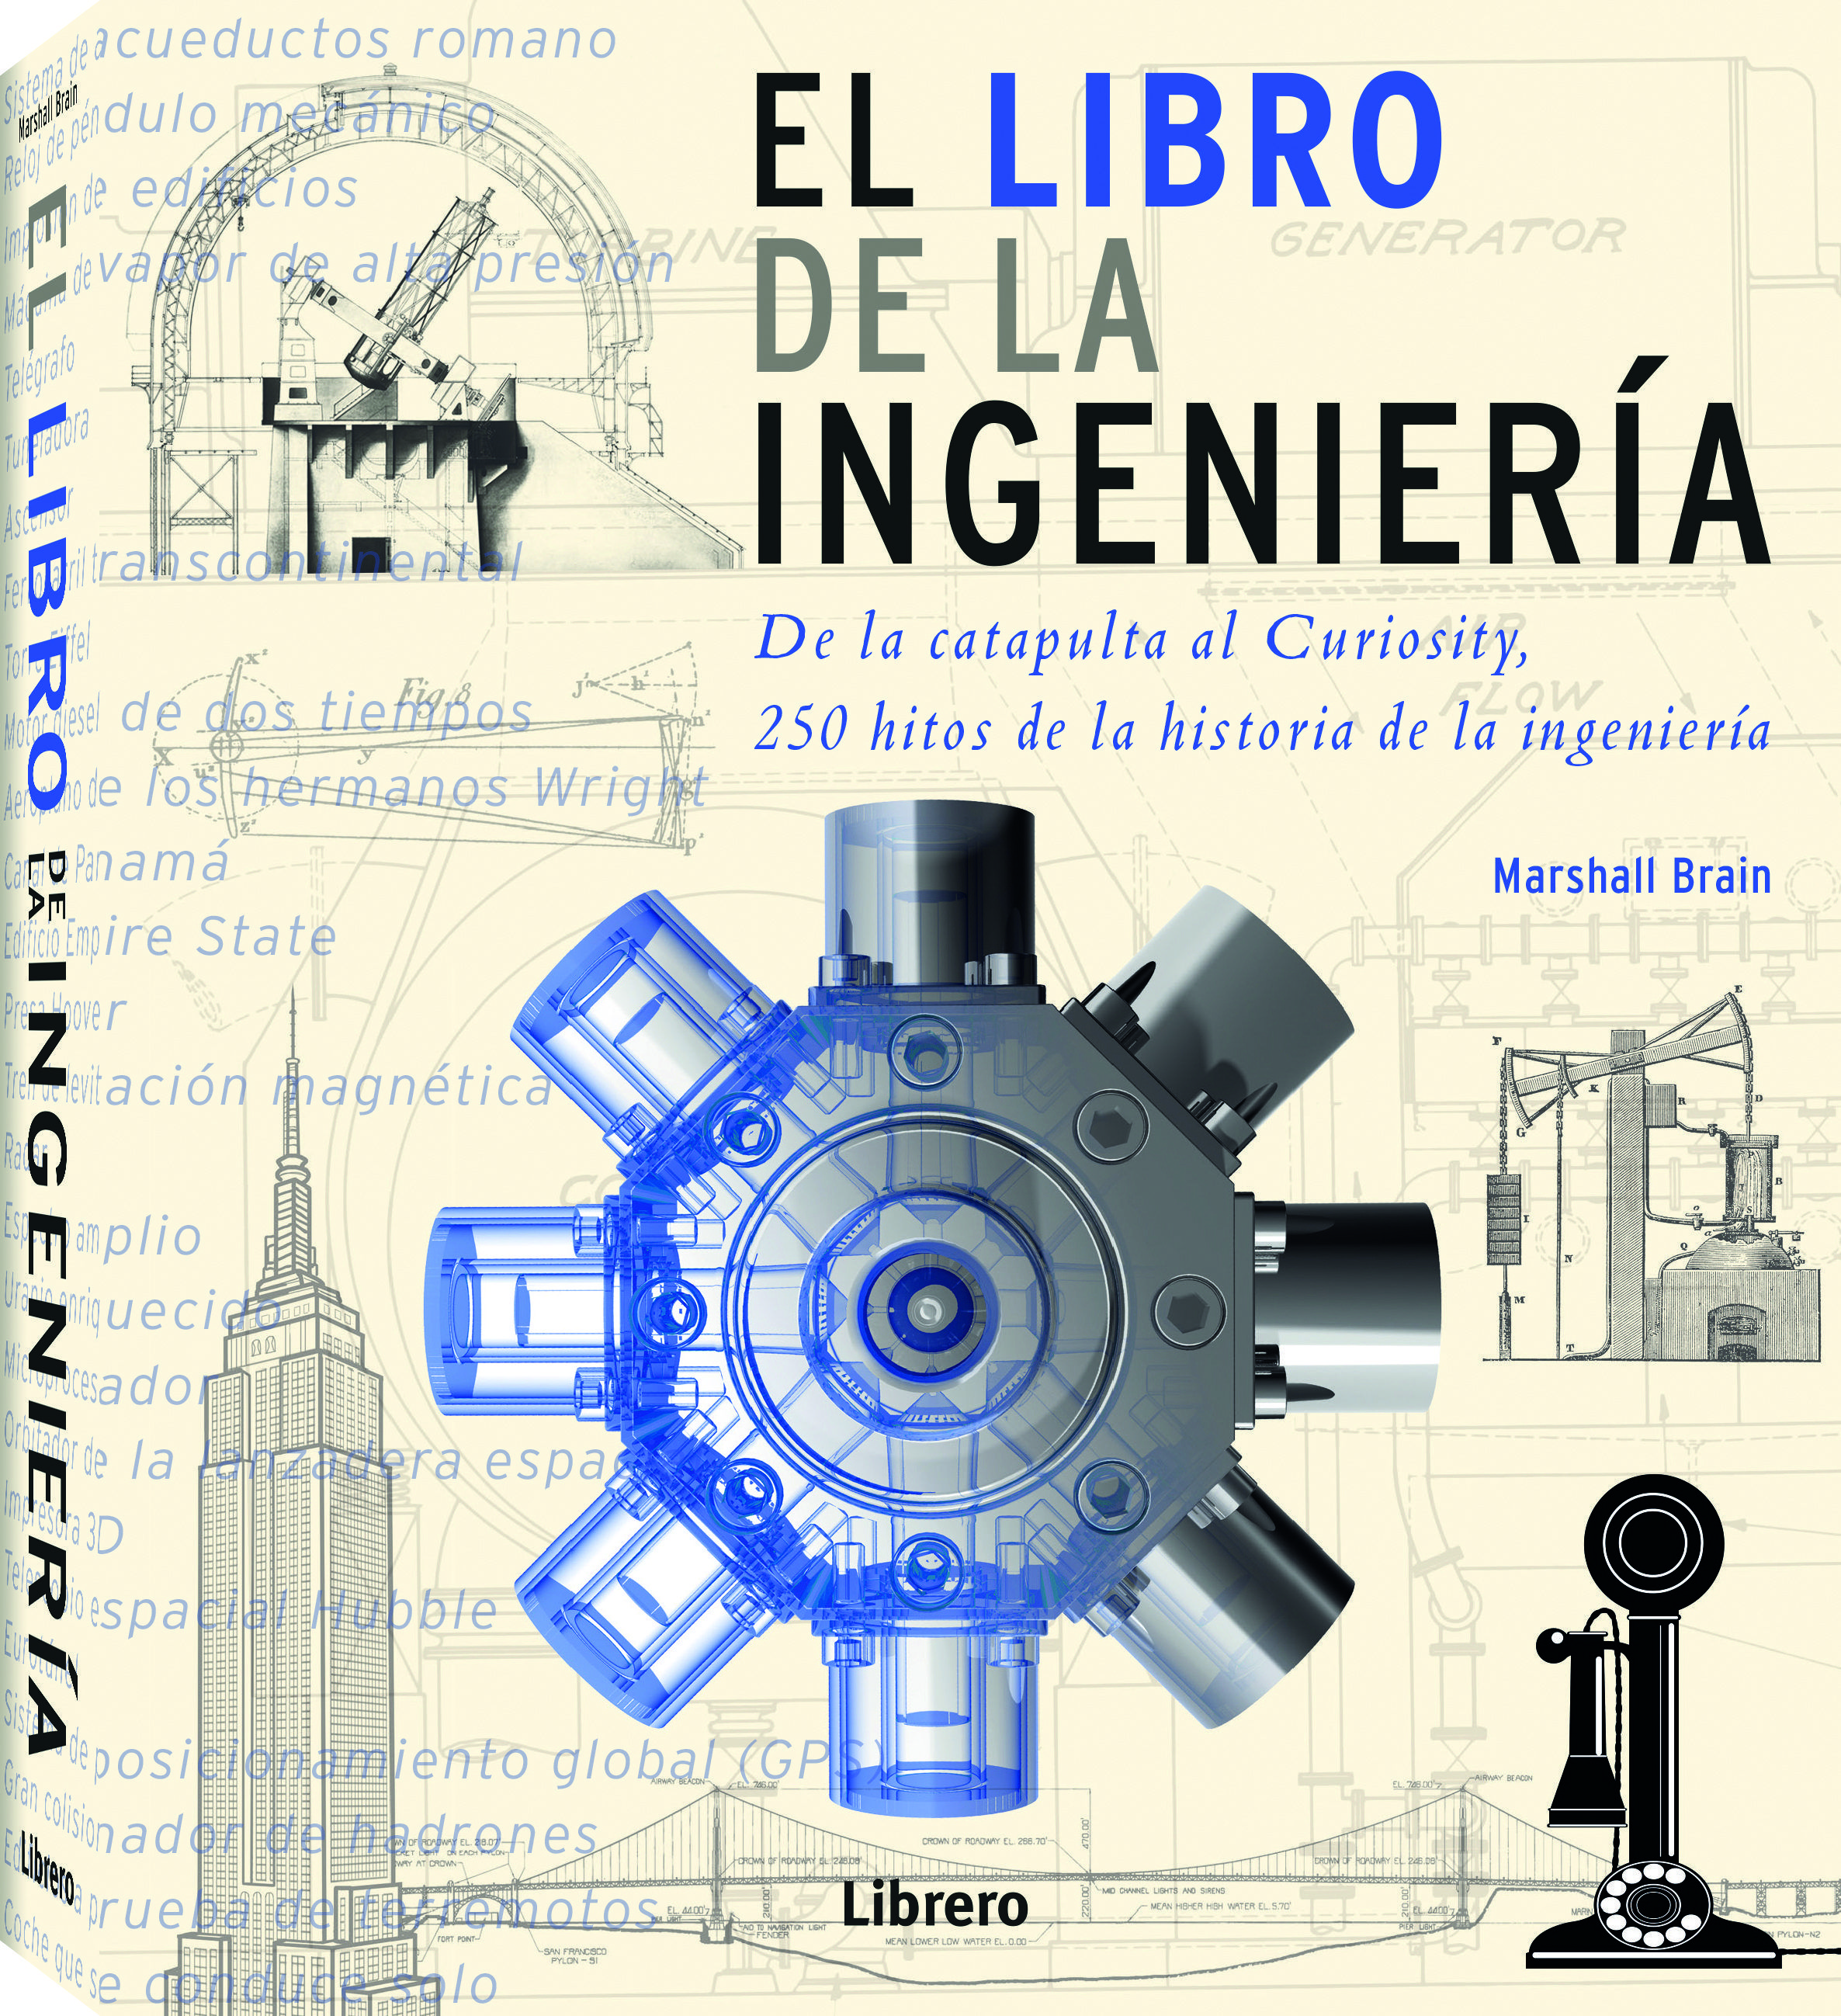 El Libro De La Ingeniería De Marshall Brain Este Libro Es Una Exploración Cronológica De 250 Ingeniería De Procesos Ingenieria Libros De Mecanica Automotriz